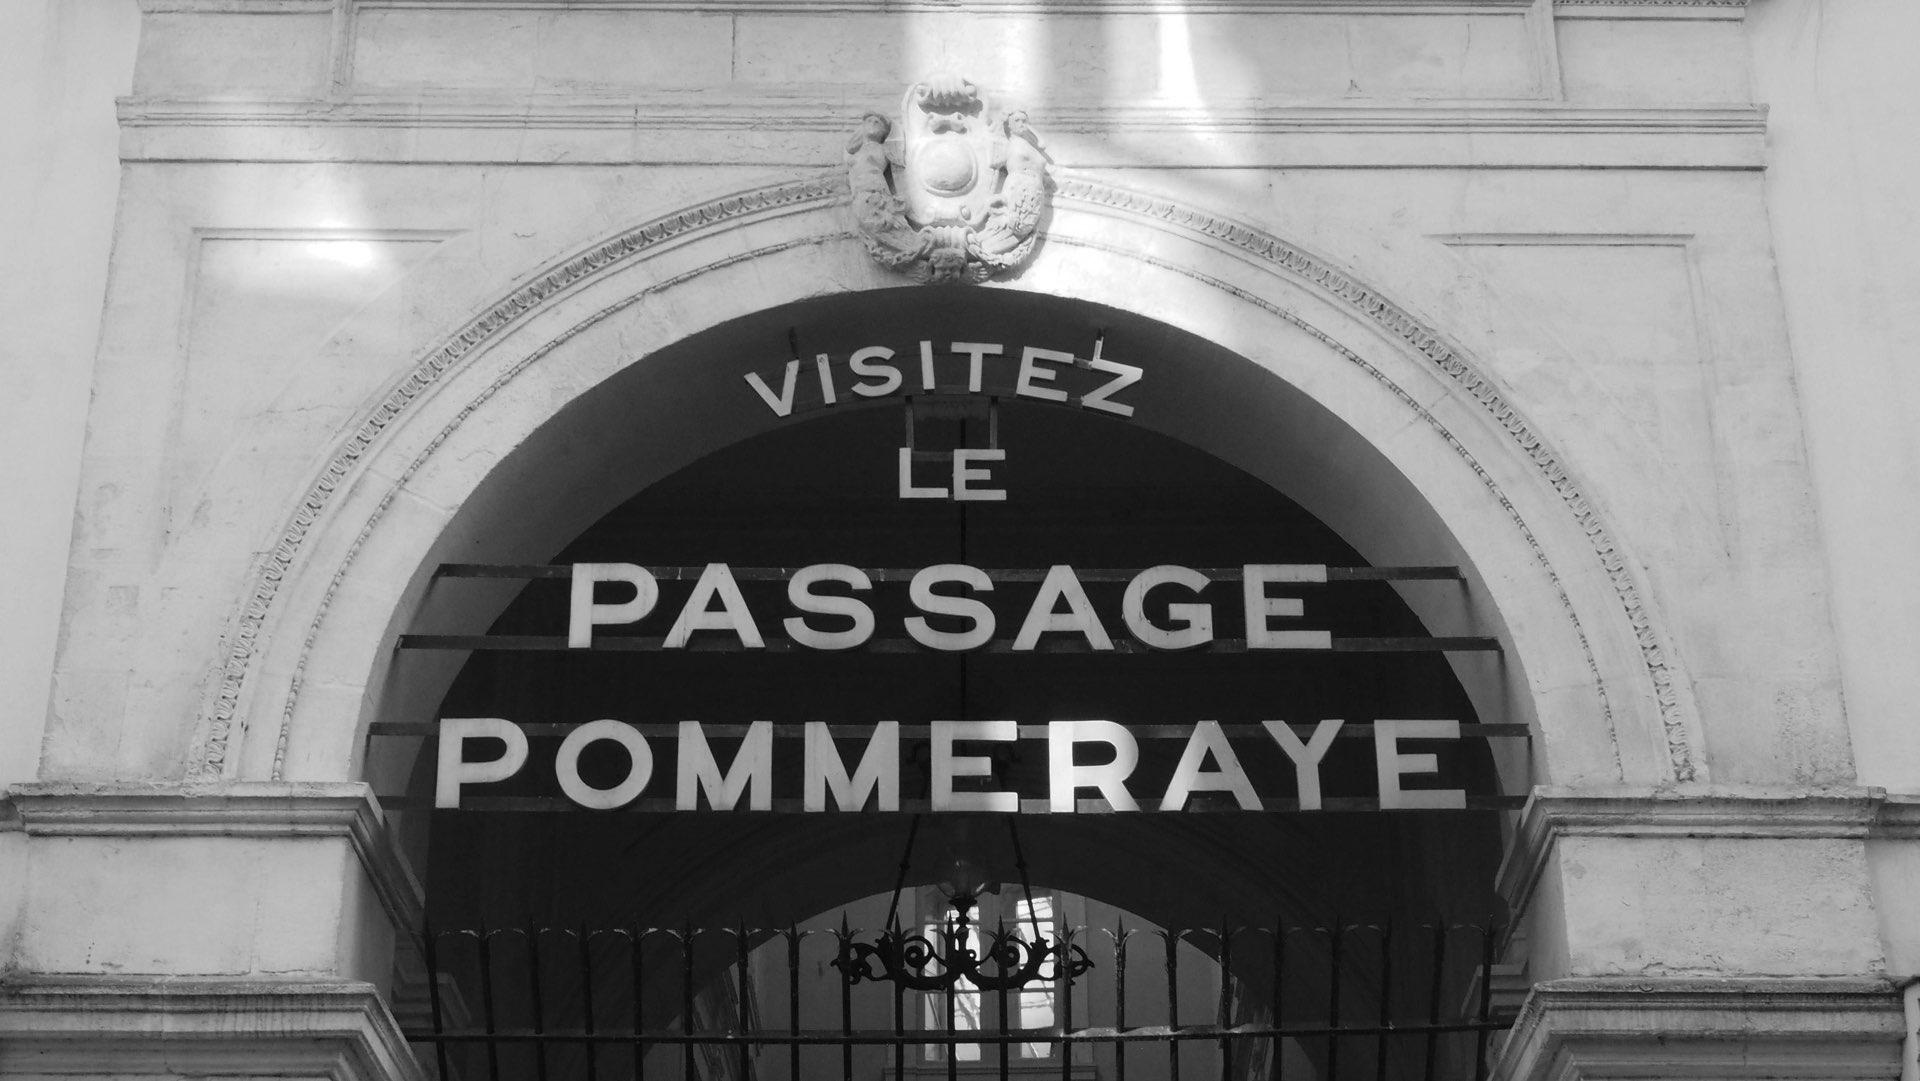 Nantes entrée du passage pommeraye